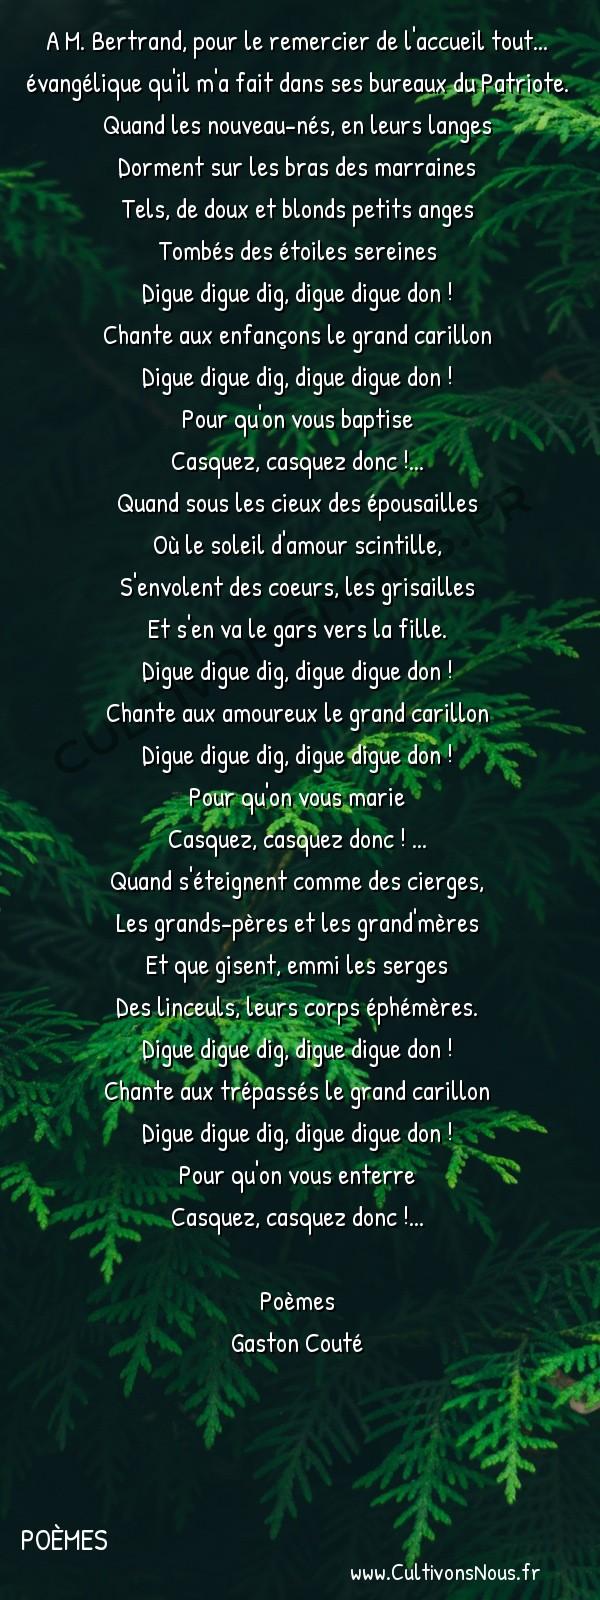 Poésie Gaston Couté - Poèmes - Les trois chansons du carillon -  A M. Bertrand, pour le remercier de l'accueil tout... évangélique qu'il m'a fait dans ses bureaux du Patriote.